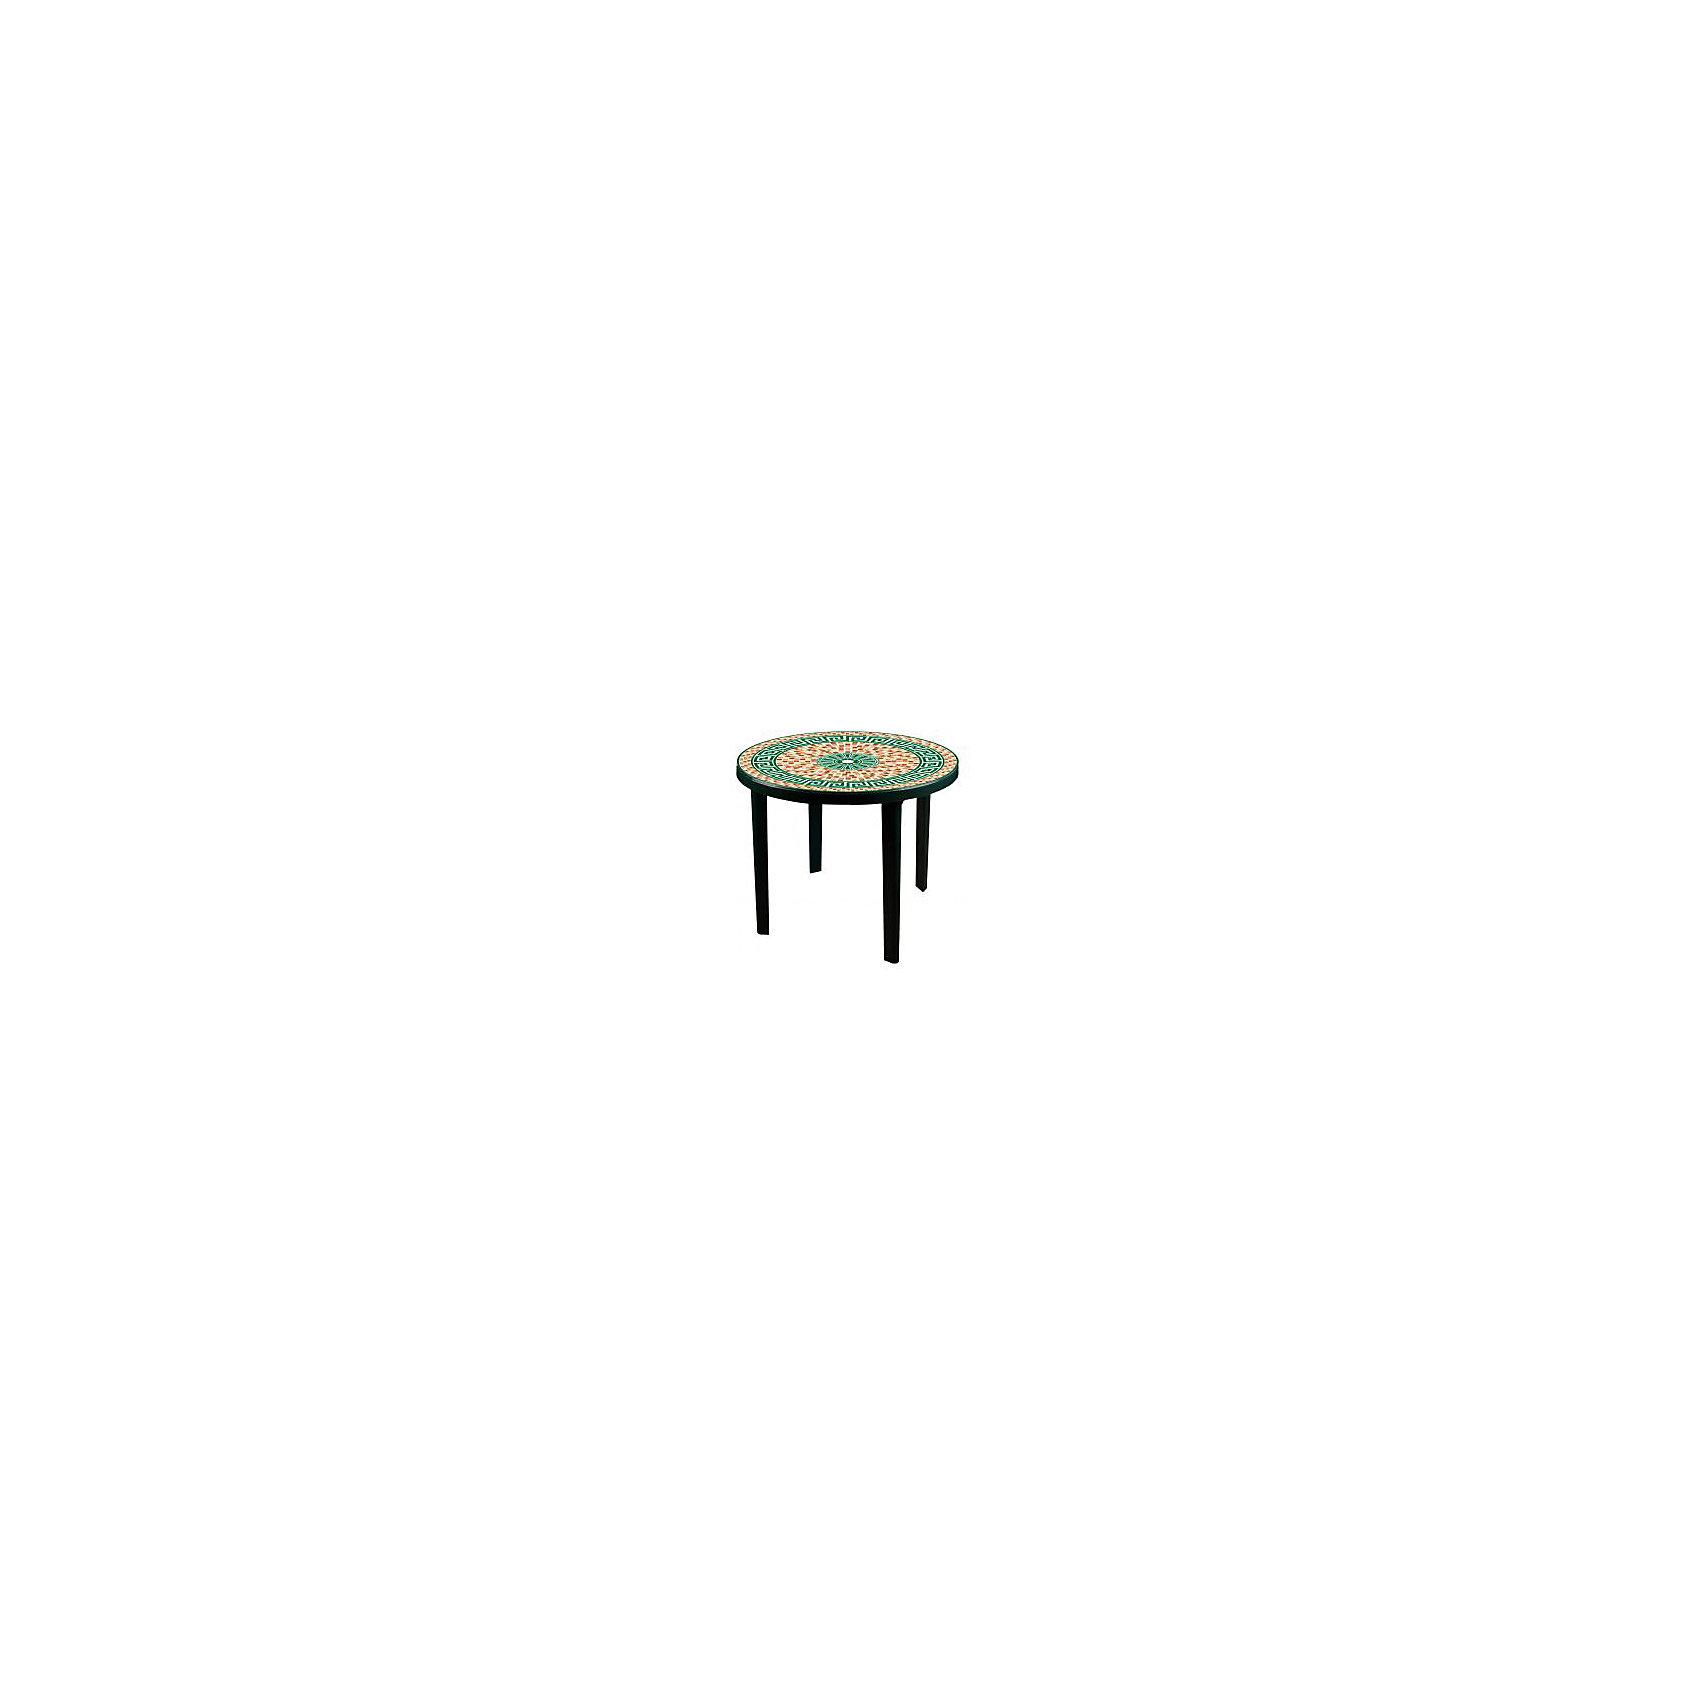 Стол Мозаика кругл.900х900х750, Alternativa, тёмно-зеленыйМебель<br>Стол Мозаика кругл.900х900х750, Alternativa (Альтернатива), тёмно-зеленый<br><br>Характеристики:<br><br>• яркий узор на поверхности<br>• цвет: темно-зеленый<br>• форма: круглый<br>• диаметр: 90 см<br>• размер: 90х90х75 см<br>• материал: полипропилен<br>• вес: 4,584 кг<br><br>Мозаика - круглый стол из полипропилена от российского производителя Альтернатива. Стол имеет устойчивые ножки и мозаичный узор на поверхности. Диаметр стола - 90 см. Он отлично впишется в любое помещение или подойдет для отдыха на природе. <br><br>Стол Мозаика кругл.900х900х750, Alternativa (Альтернатива), тёмно-зеленый можно купить в нашем интернет-магазине.<br><br>Ширина мм: 900<br>Глубина мм: 900<br>Высота мм: 750<br>Вес г: 4584<br>Возраст от месяцев: 216<br>Возраст до месяцев: 1188<br>Пол: Унисекс<br>Возраст: Детский<br>SKU: 5475672